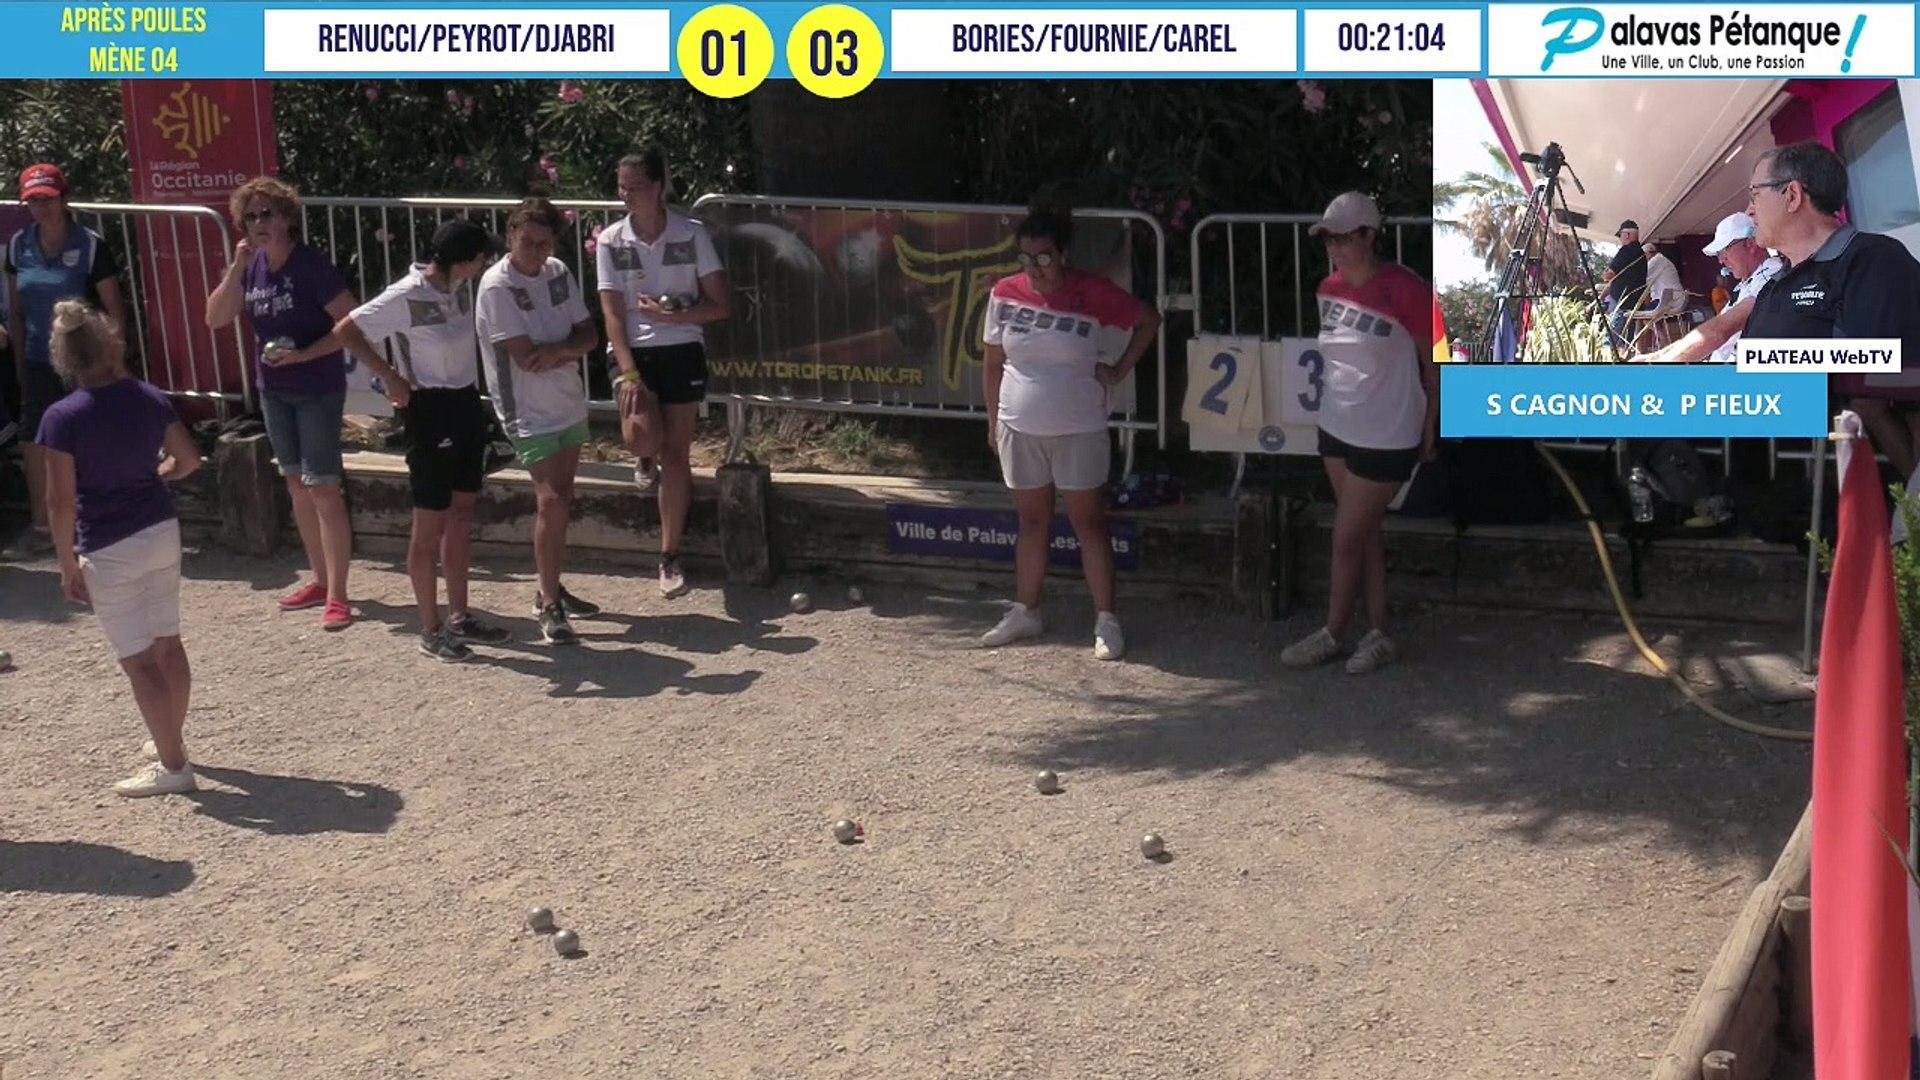 Après poules triplette PEYROT vs BORIES : Palavas pétanque 2020